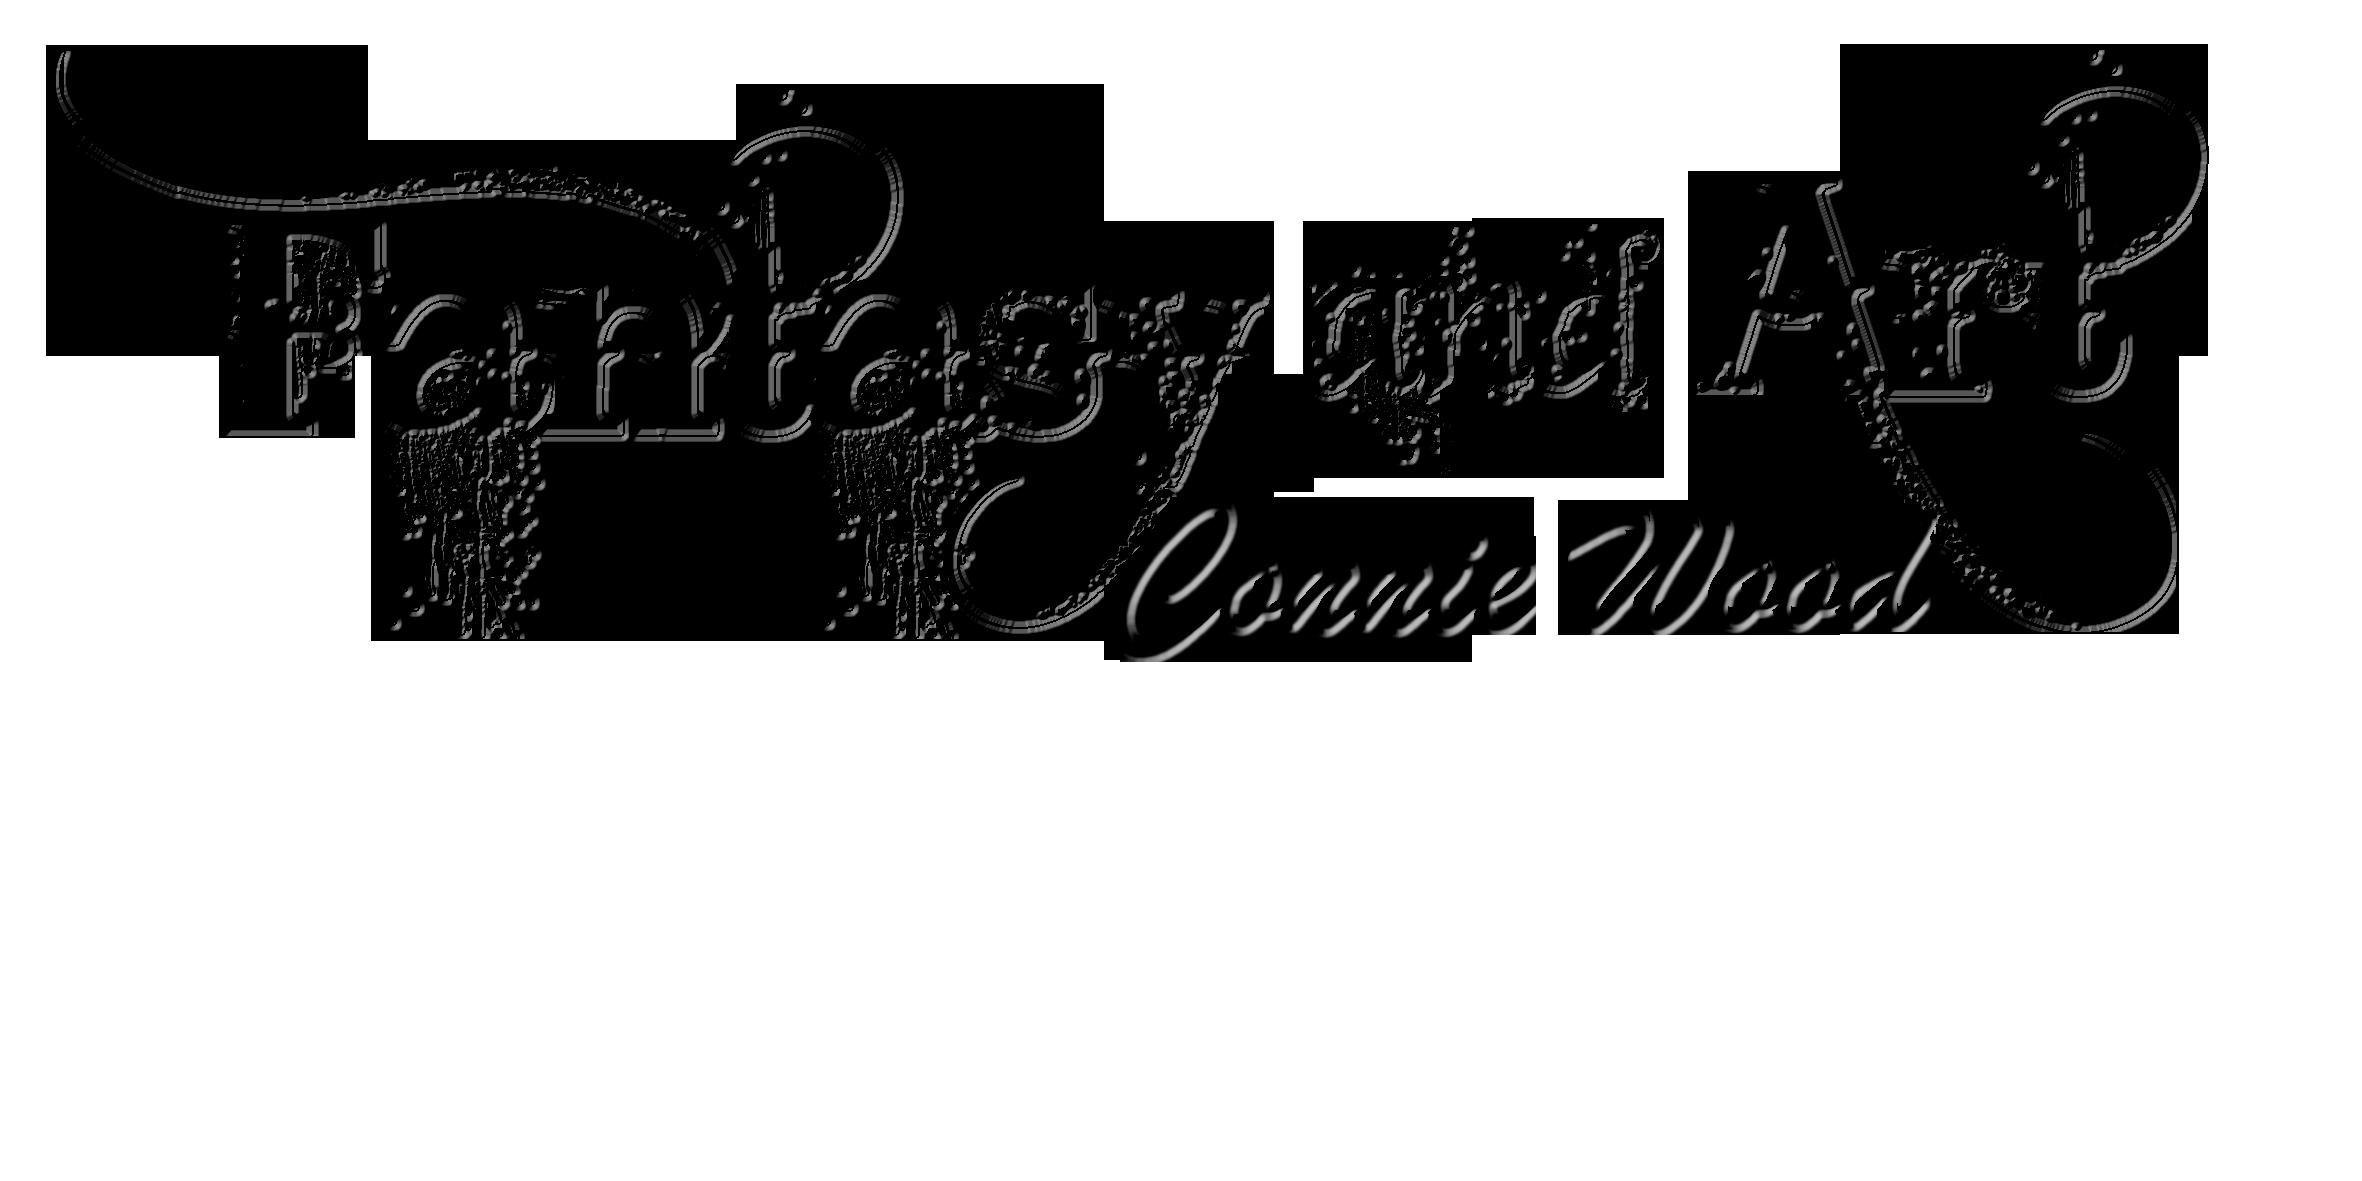 Connie Wood Signature